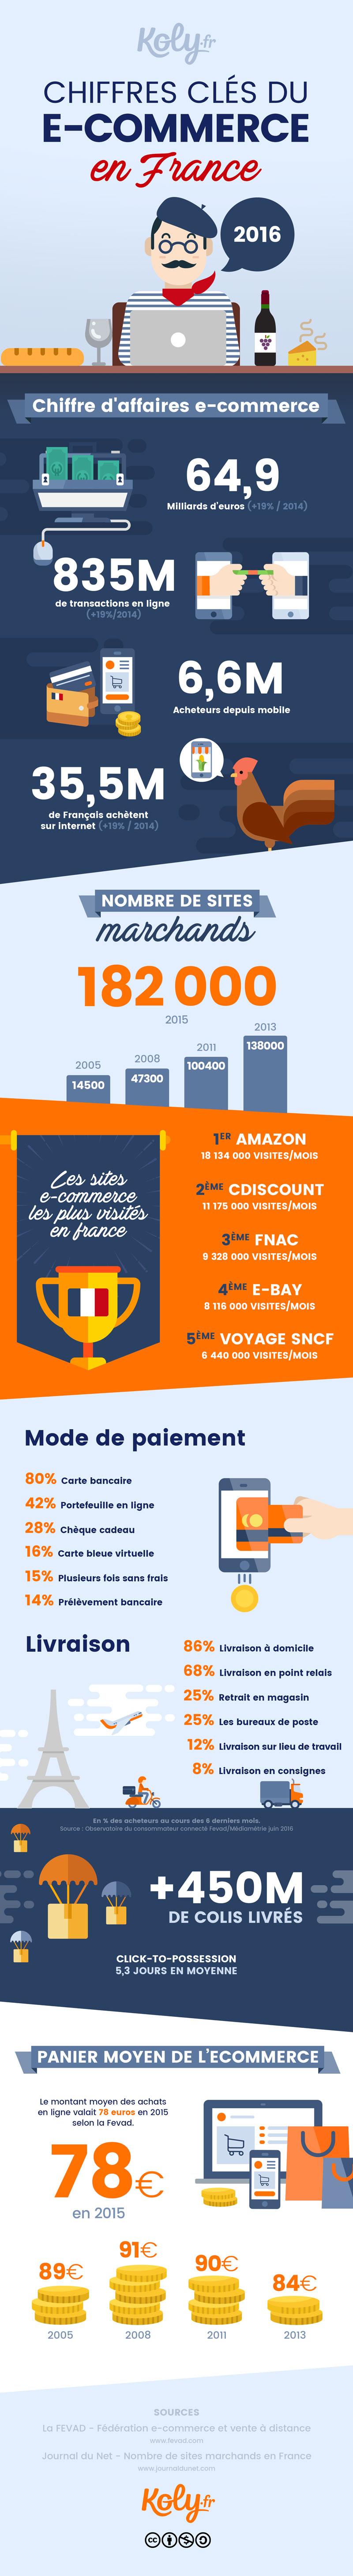 Chiffres clés du e-commerce en France en 2016. Une infographie Koly.